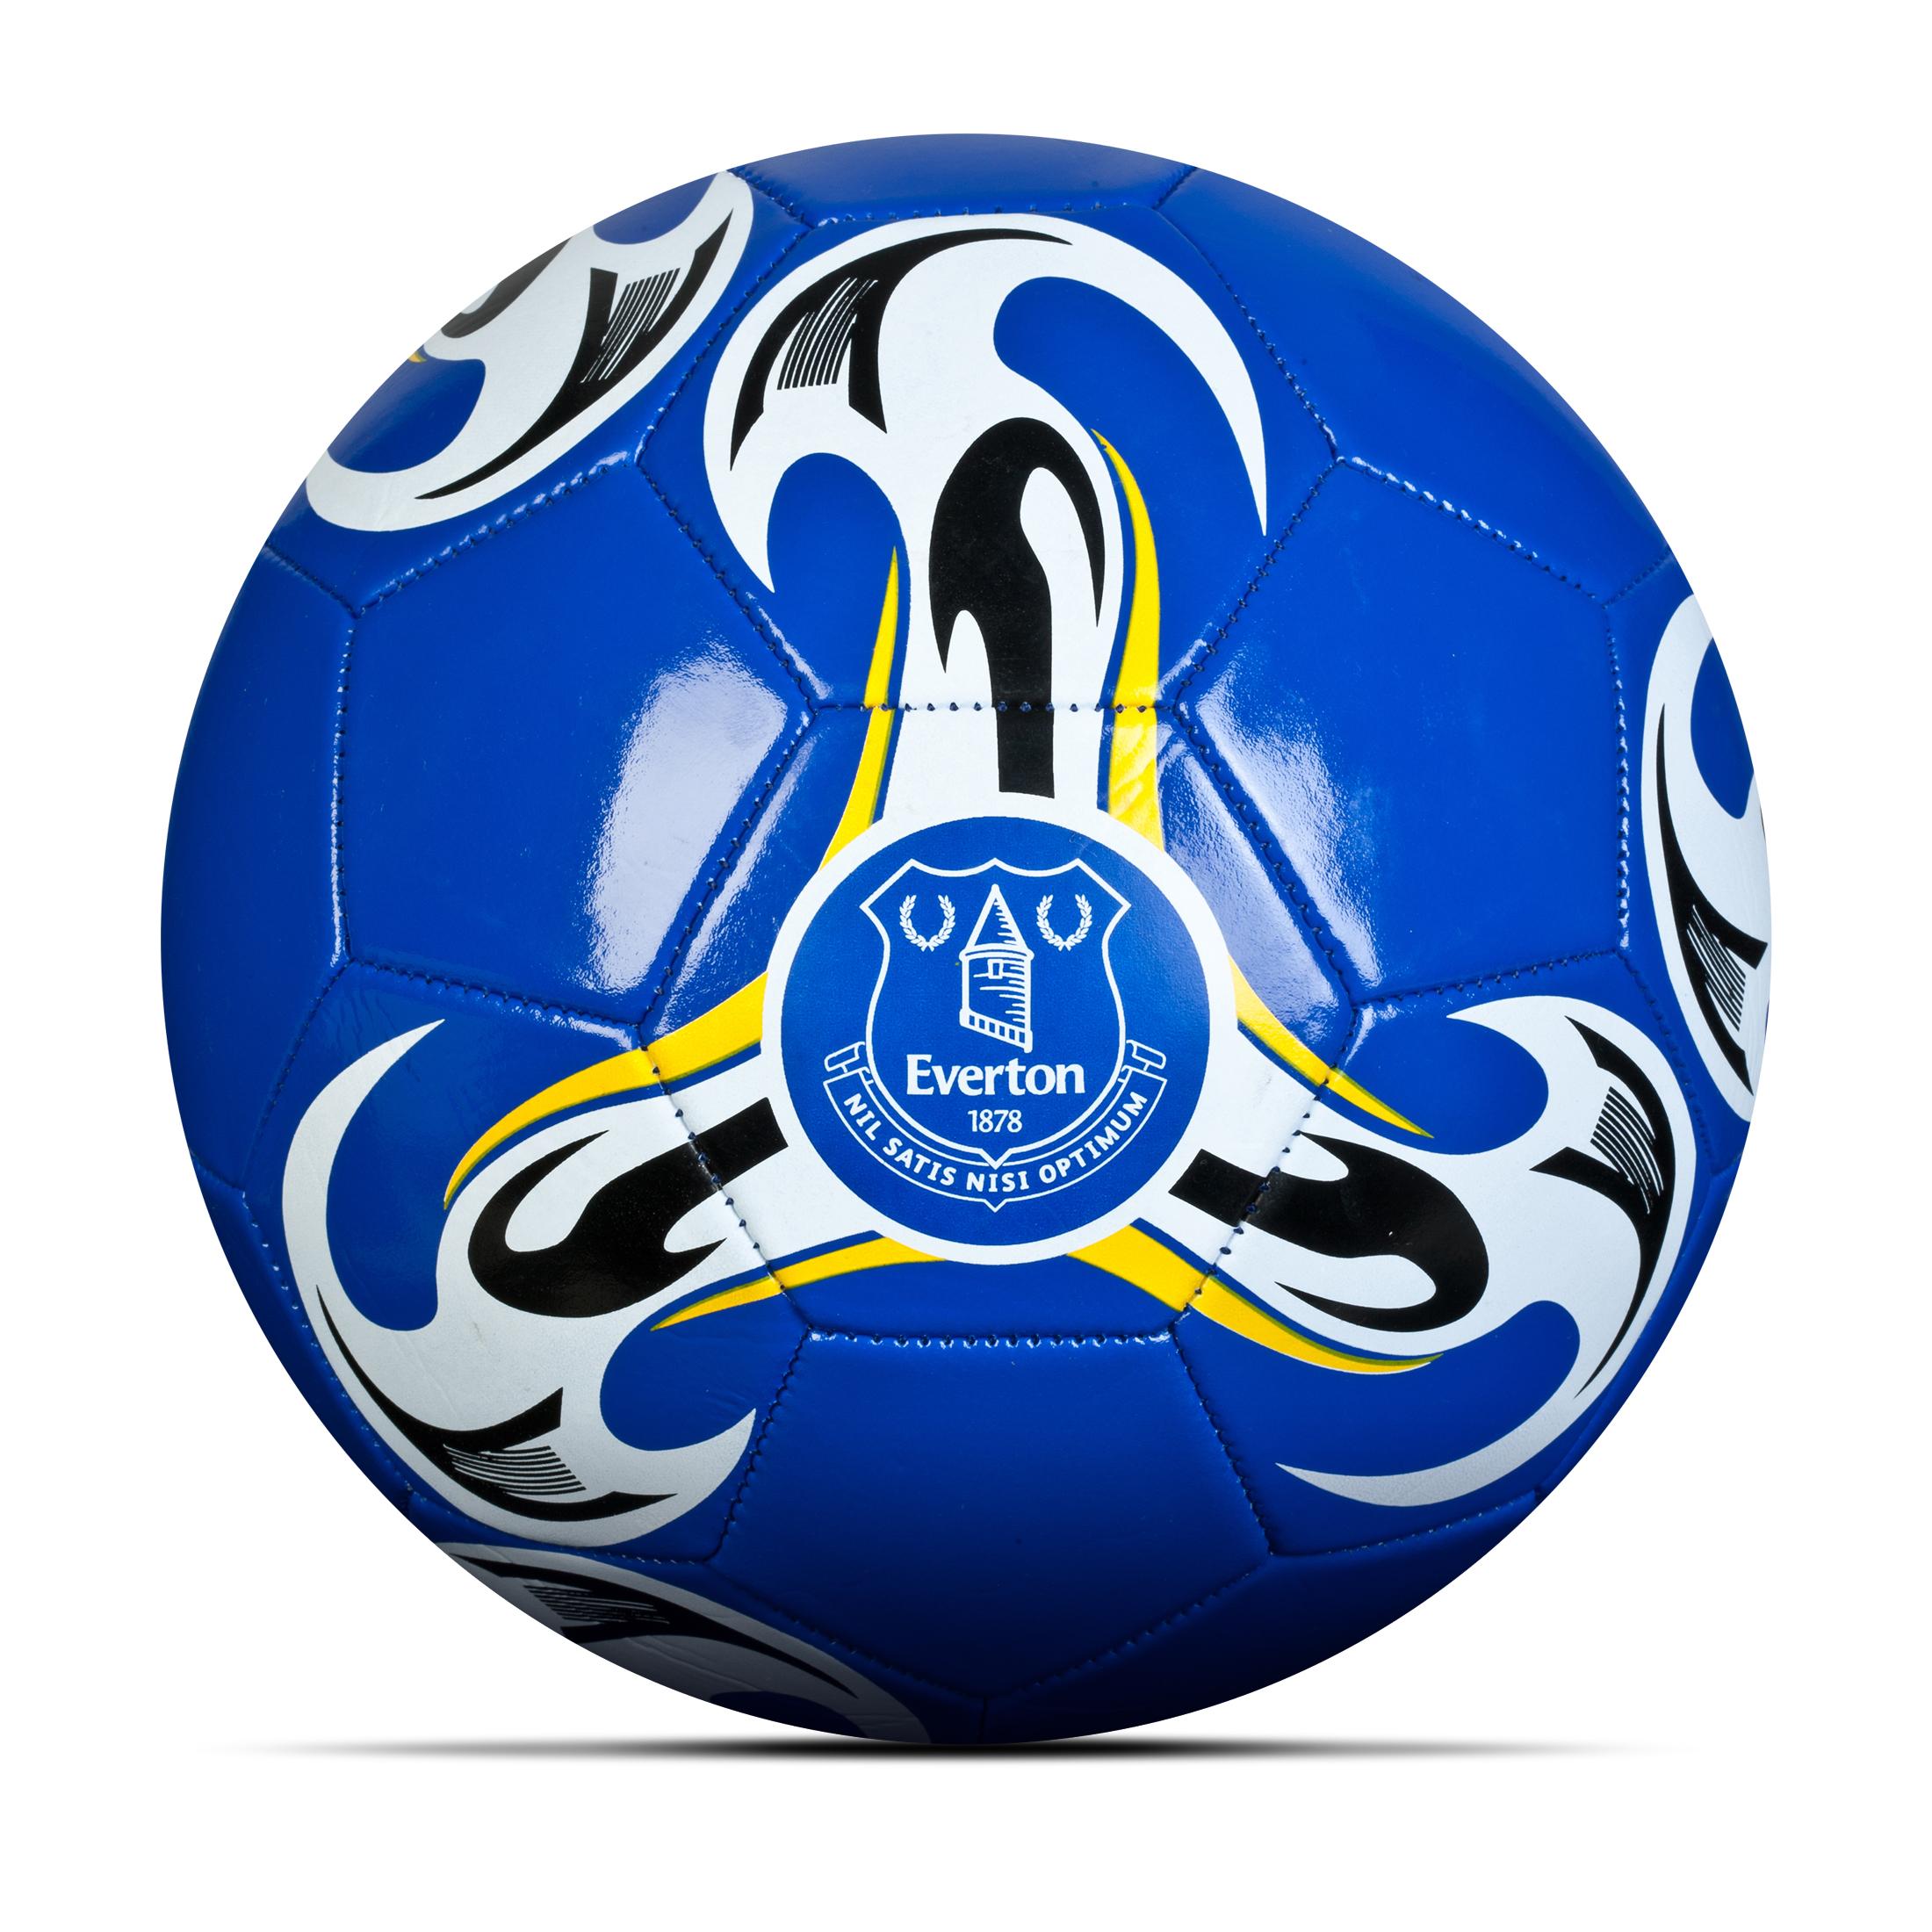 Everton Football - Size 2 - Royal/White